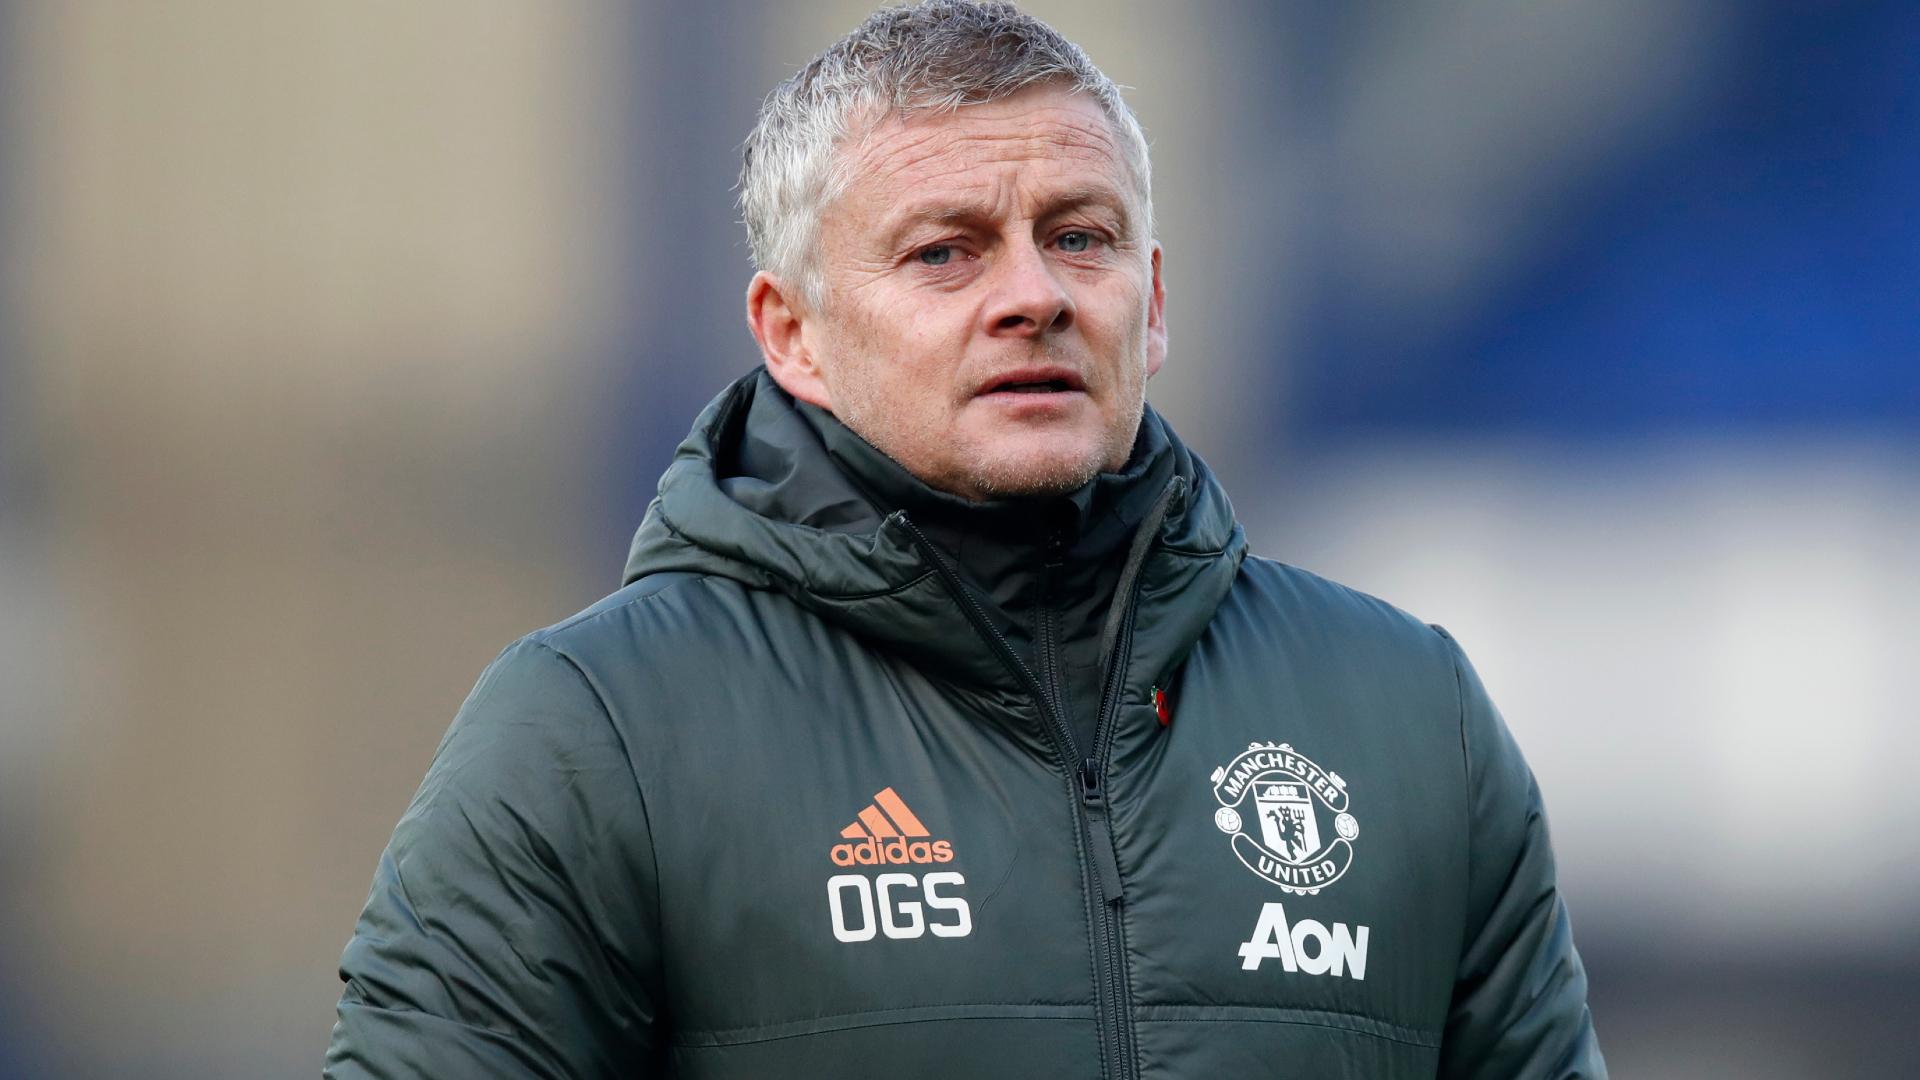 Solskjaer confident he can deliver success at Man Utd